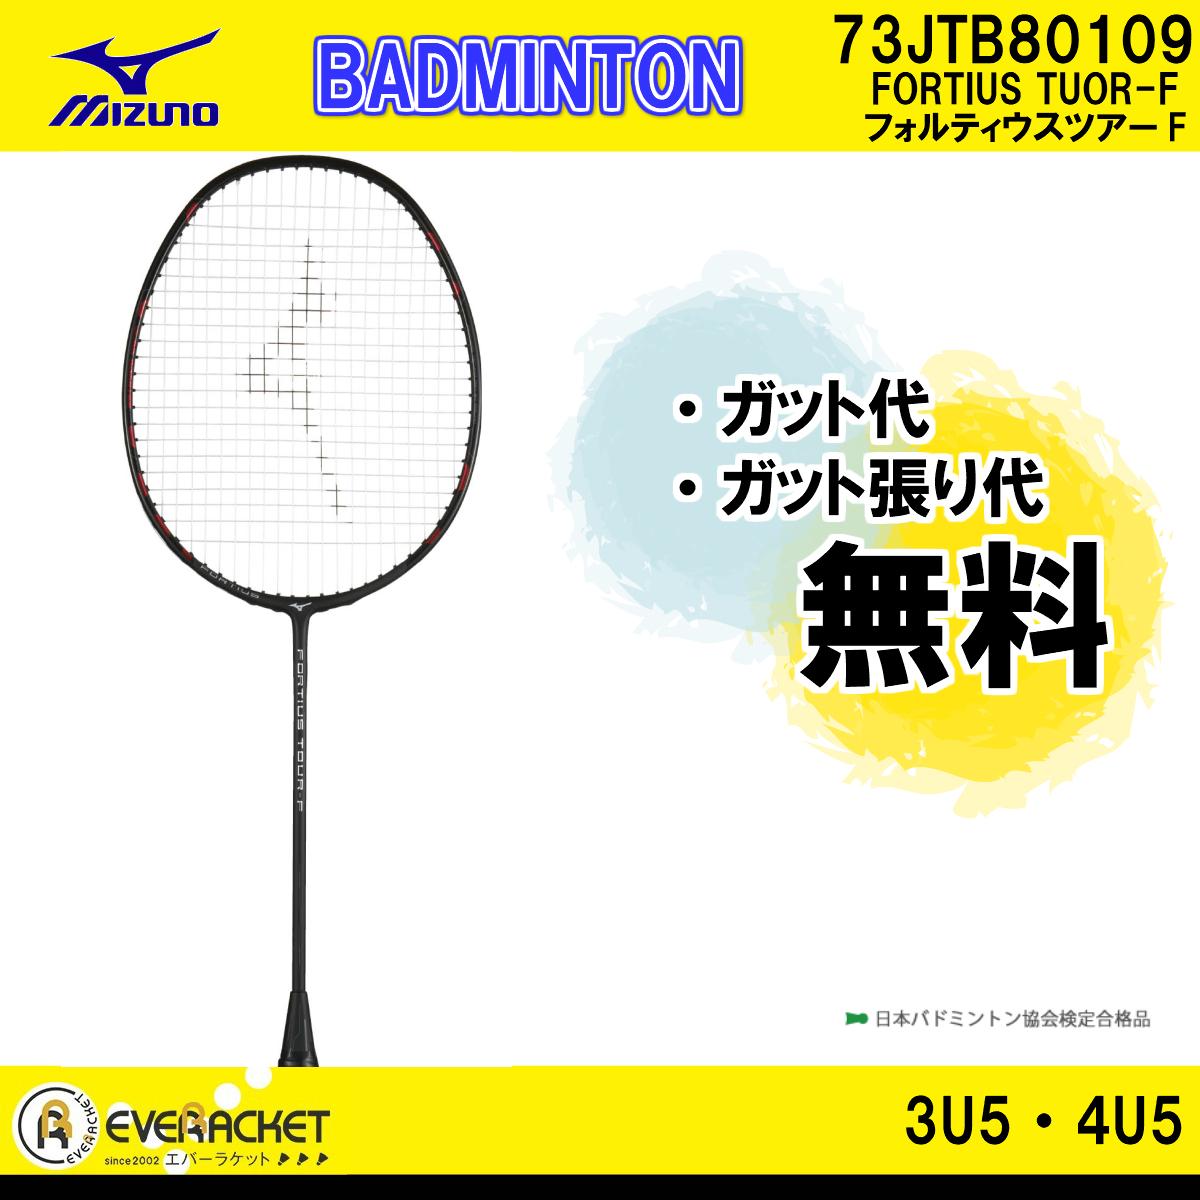 【お買い得商品】MIZUNO ミズノ バドミントン バドミントンラケット FORTIUS TOUR-F 73JTB801ガット代張り代 無料